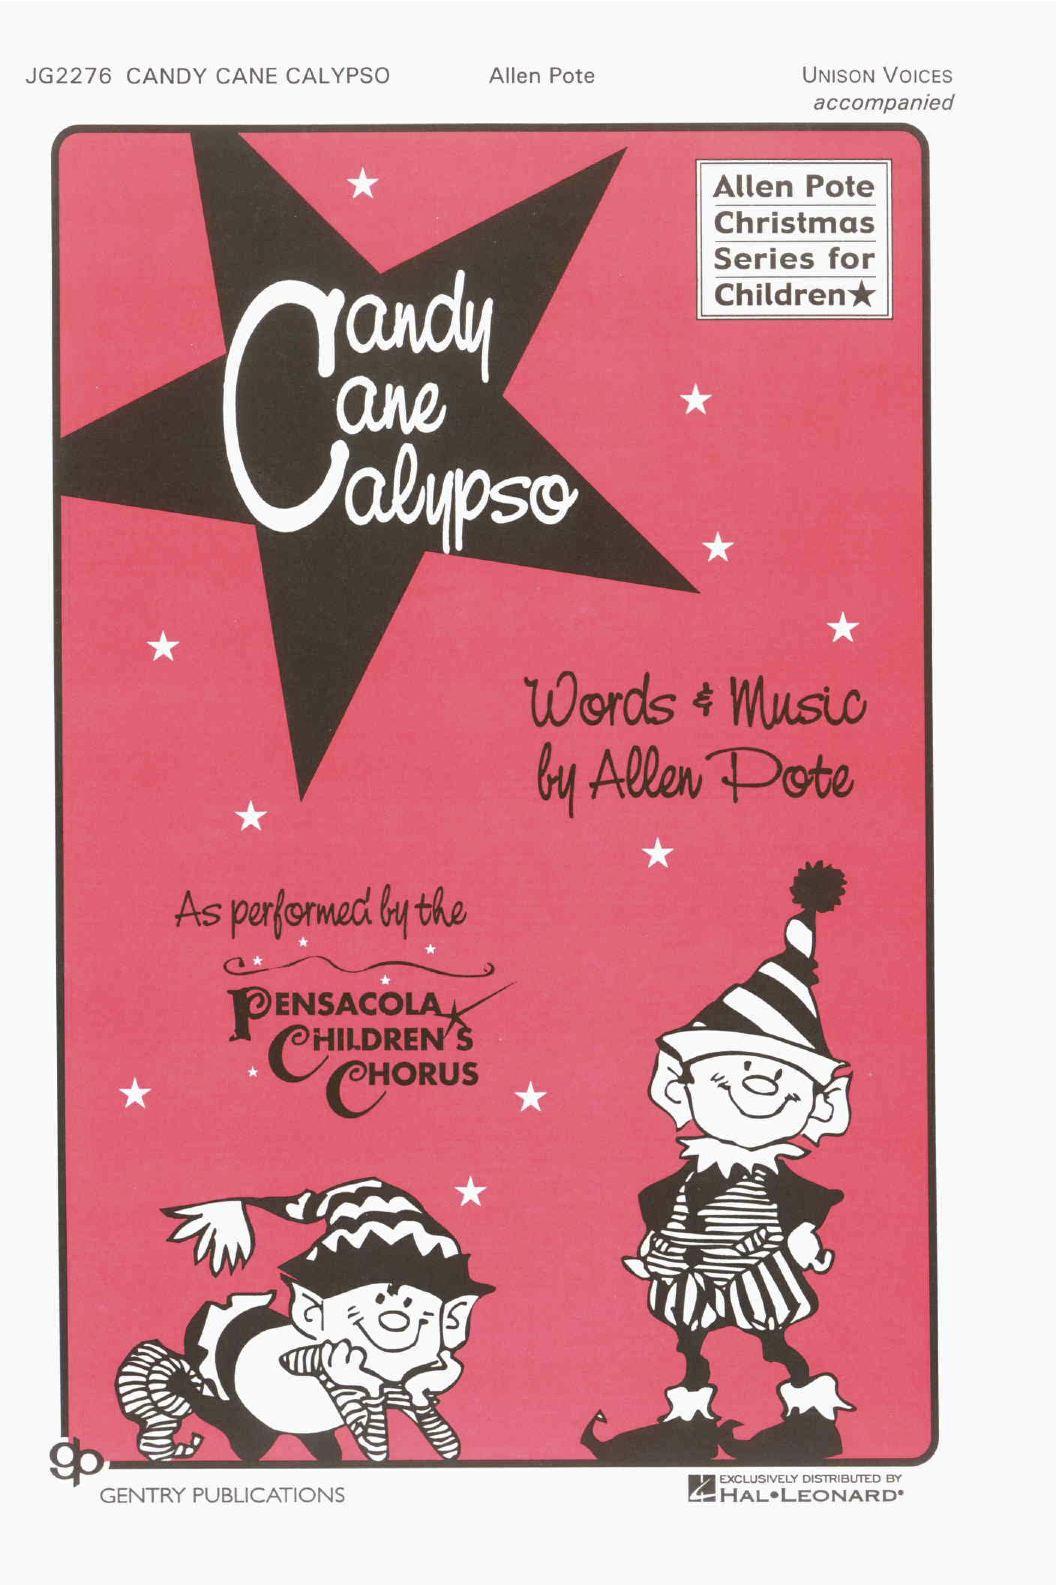 Candy Cane Calypso